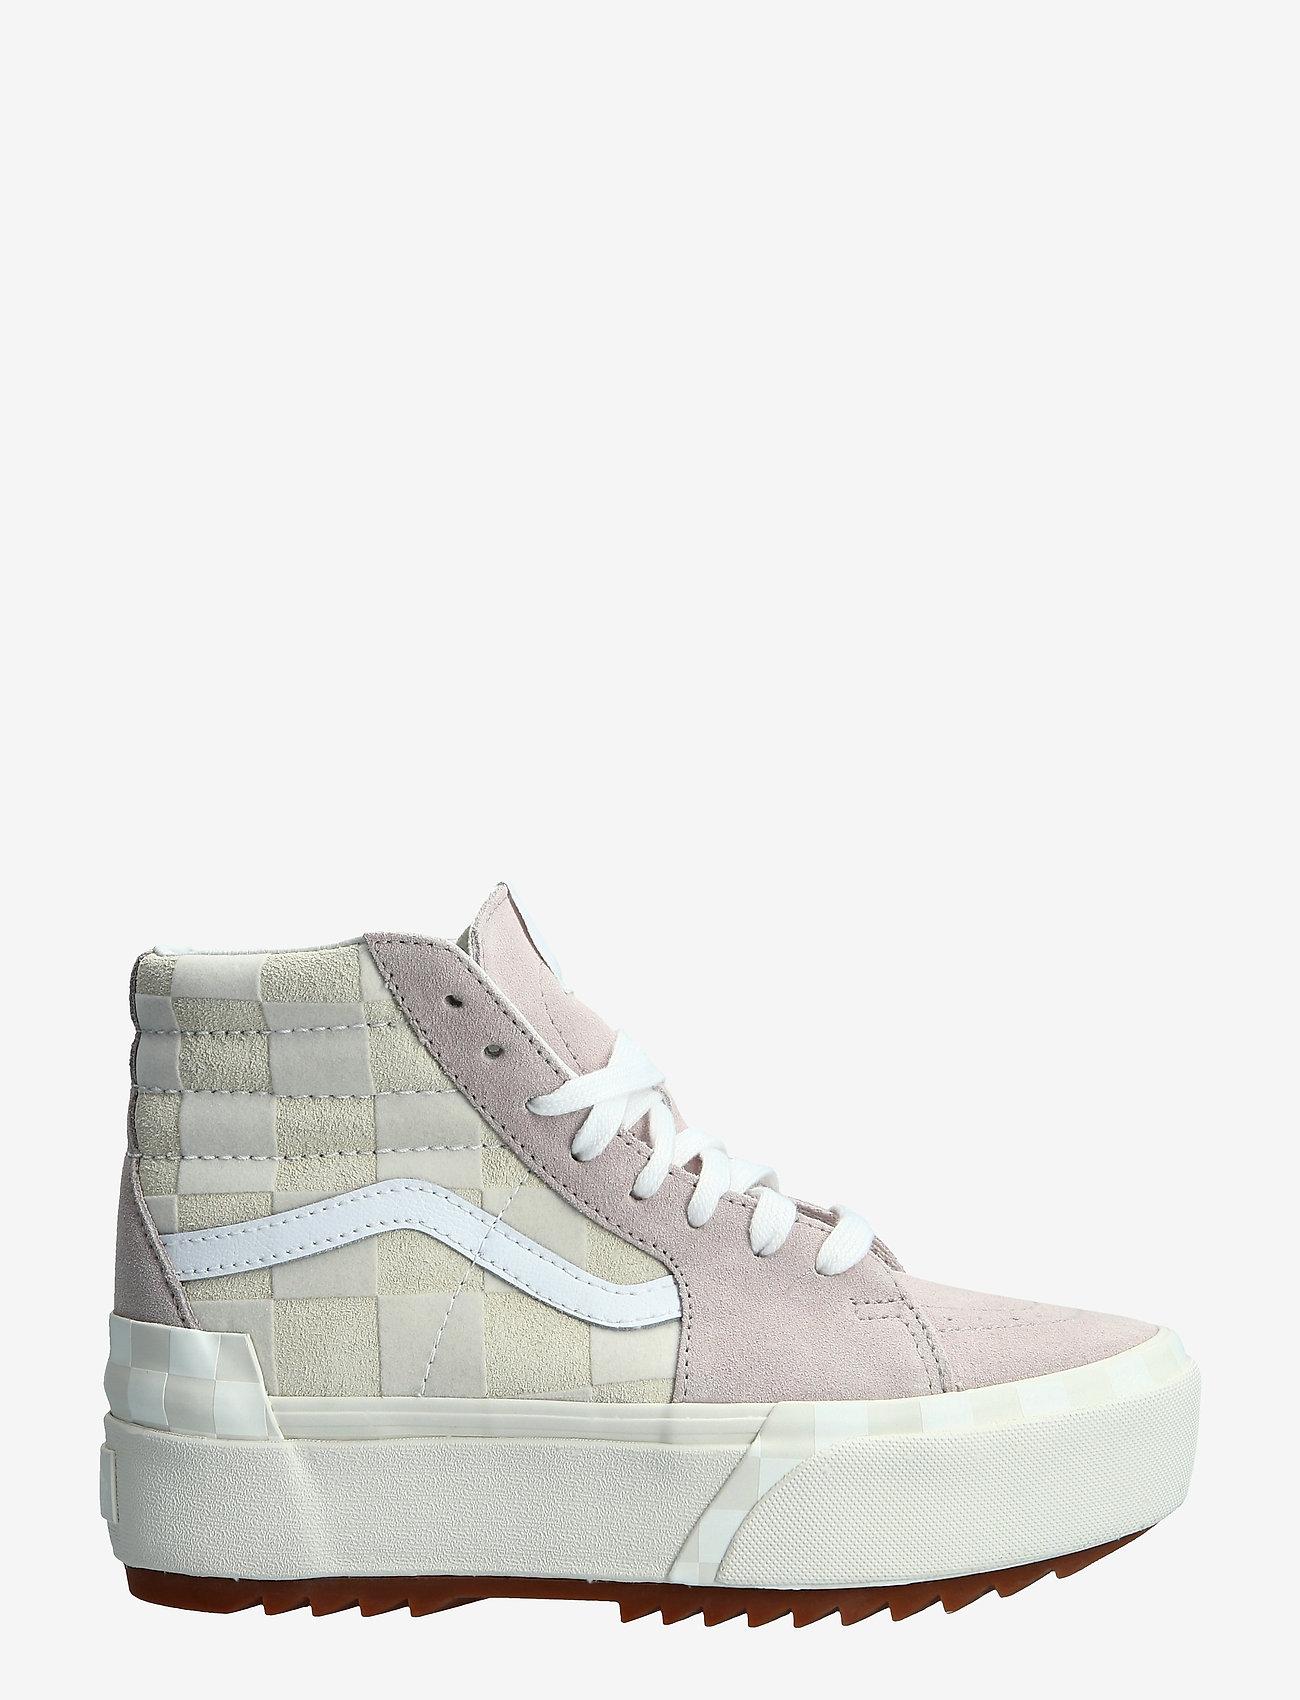 VANS - Shoe Adult Unisex Numeric Wid - baskets épaisses - (chkrbrd)blncdblnchshdvlt - 1